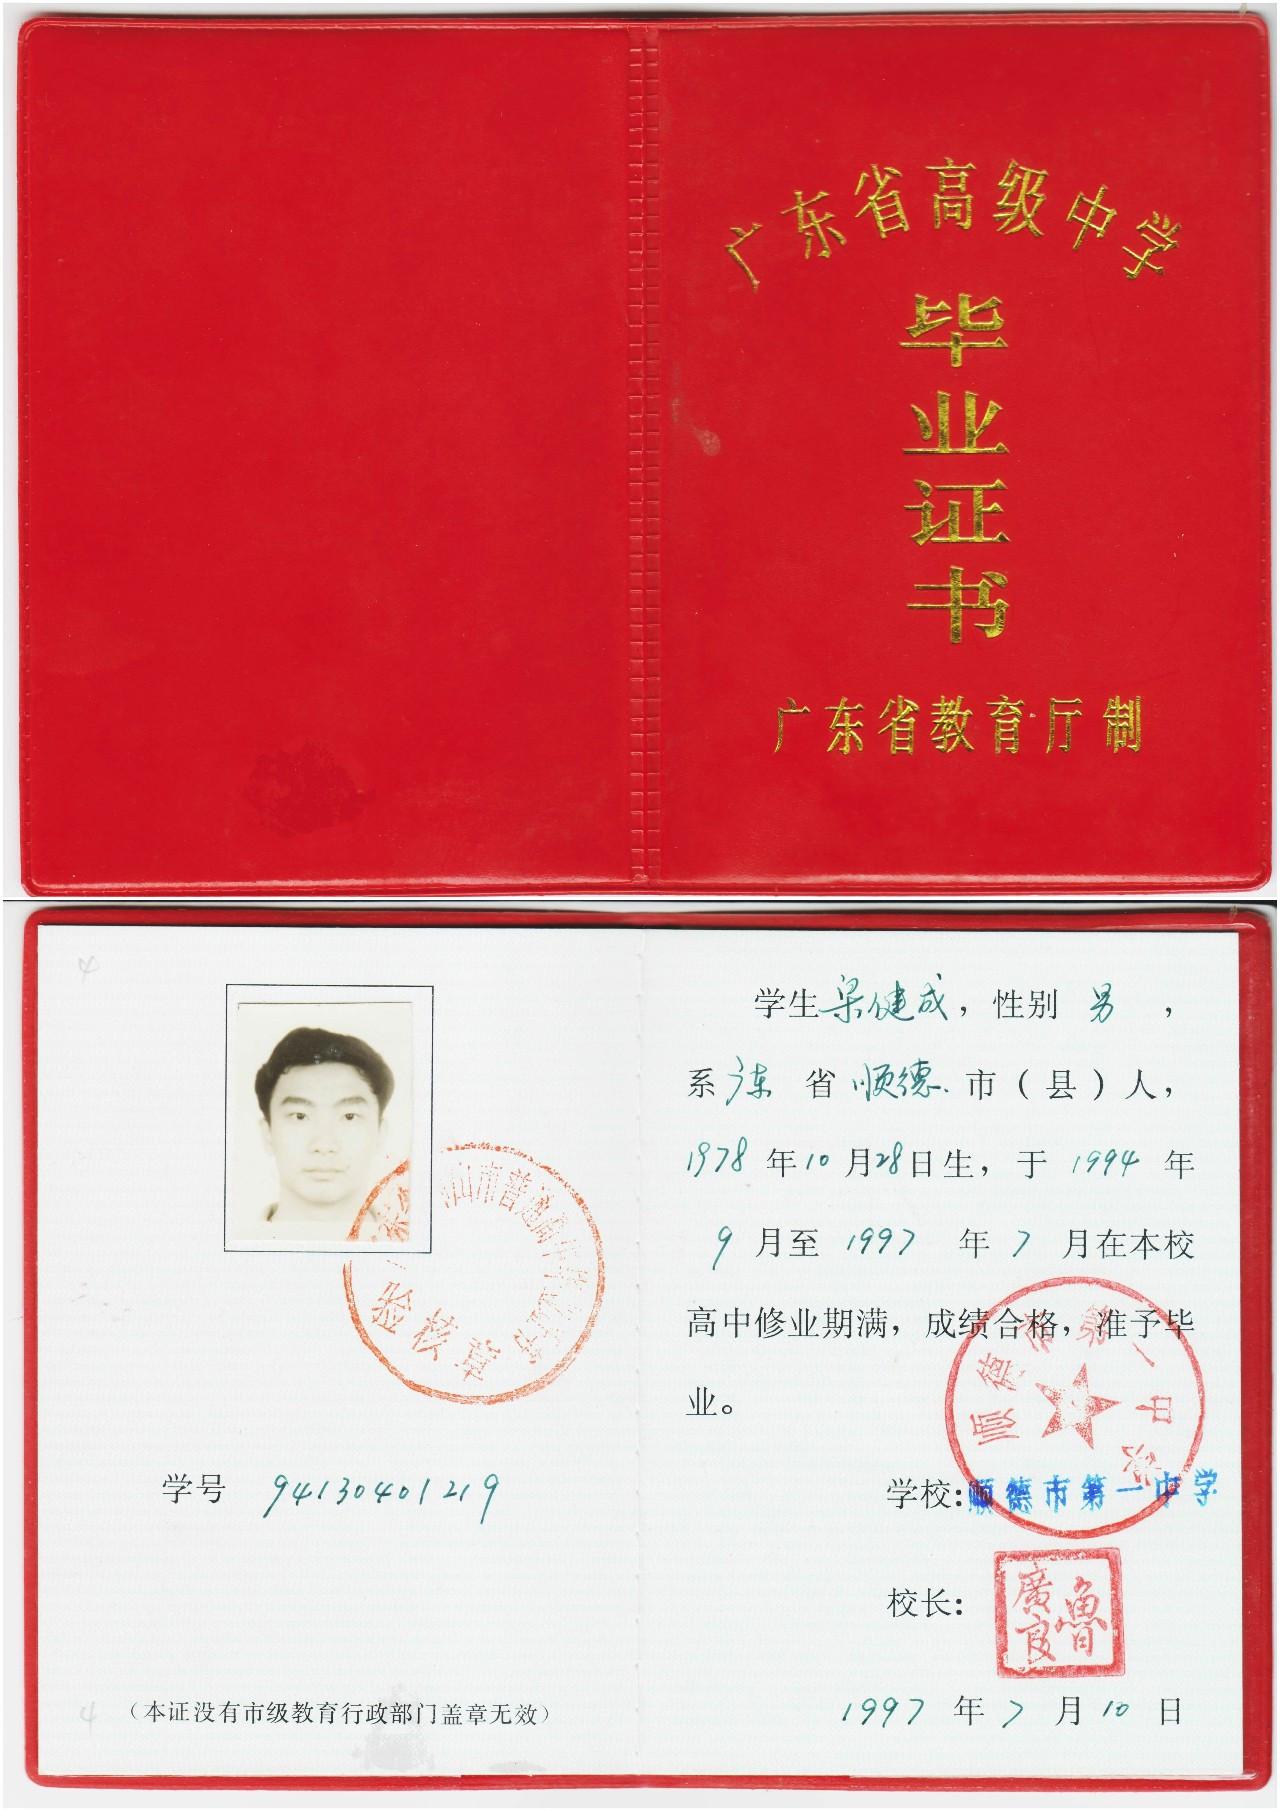 高中毕业文章_初中毕业证照片和高中毕业证照片都是几寸的?-